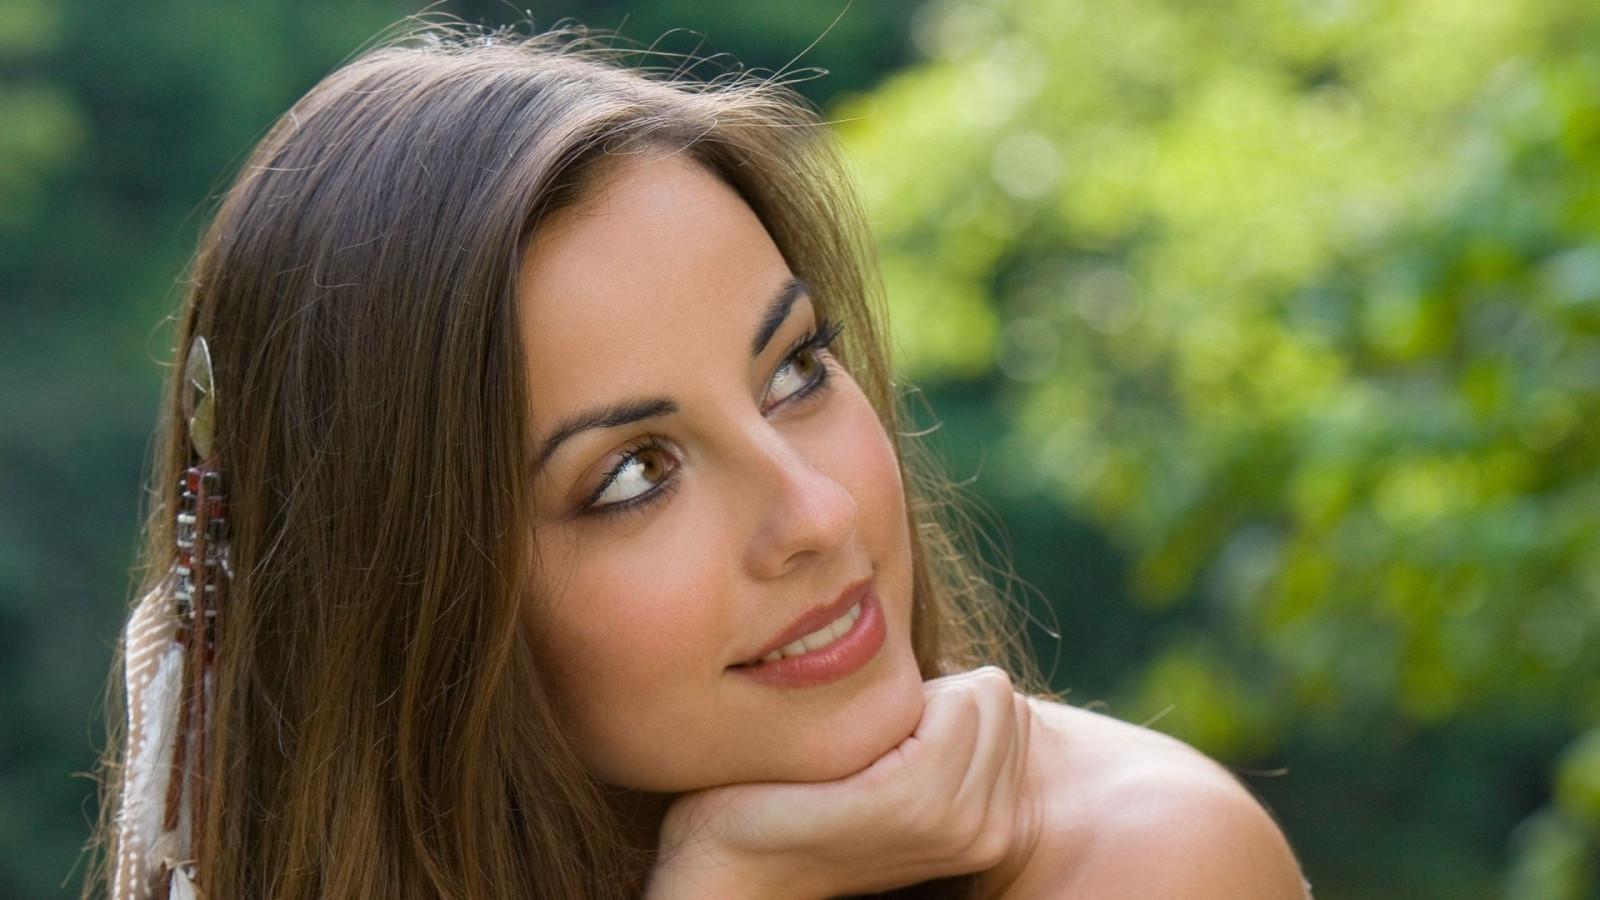 Beautiful spanish girls photos